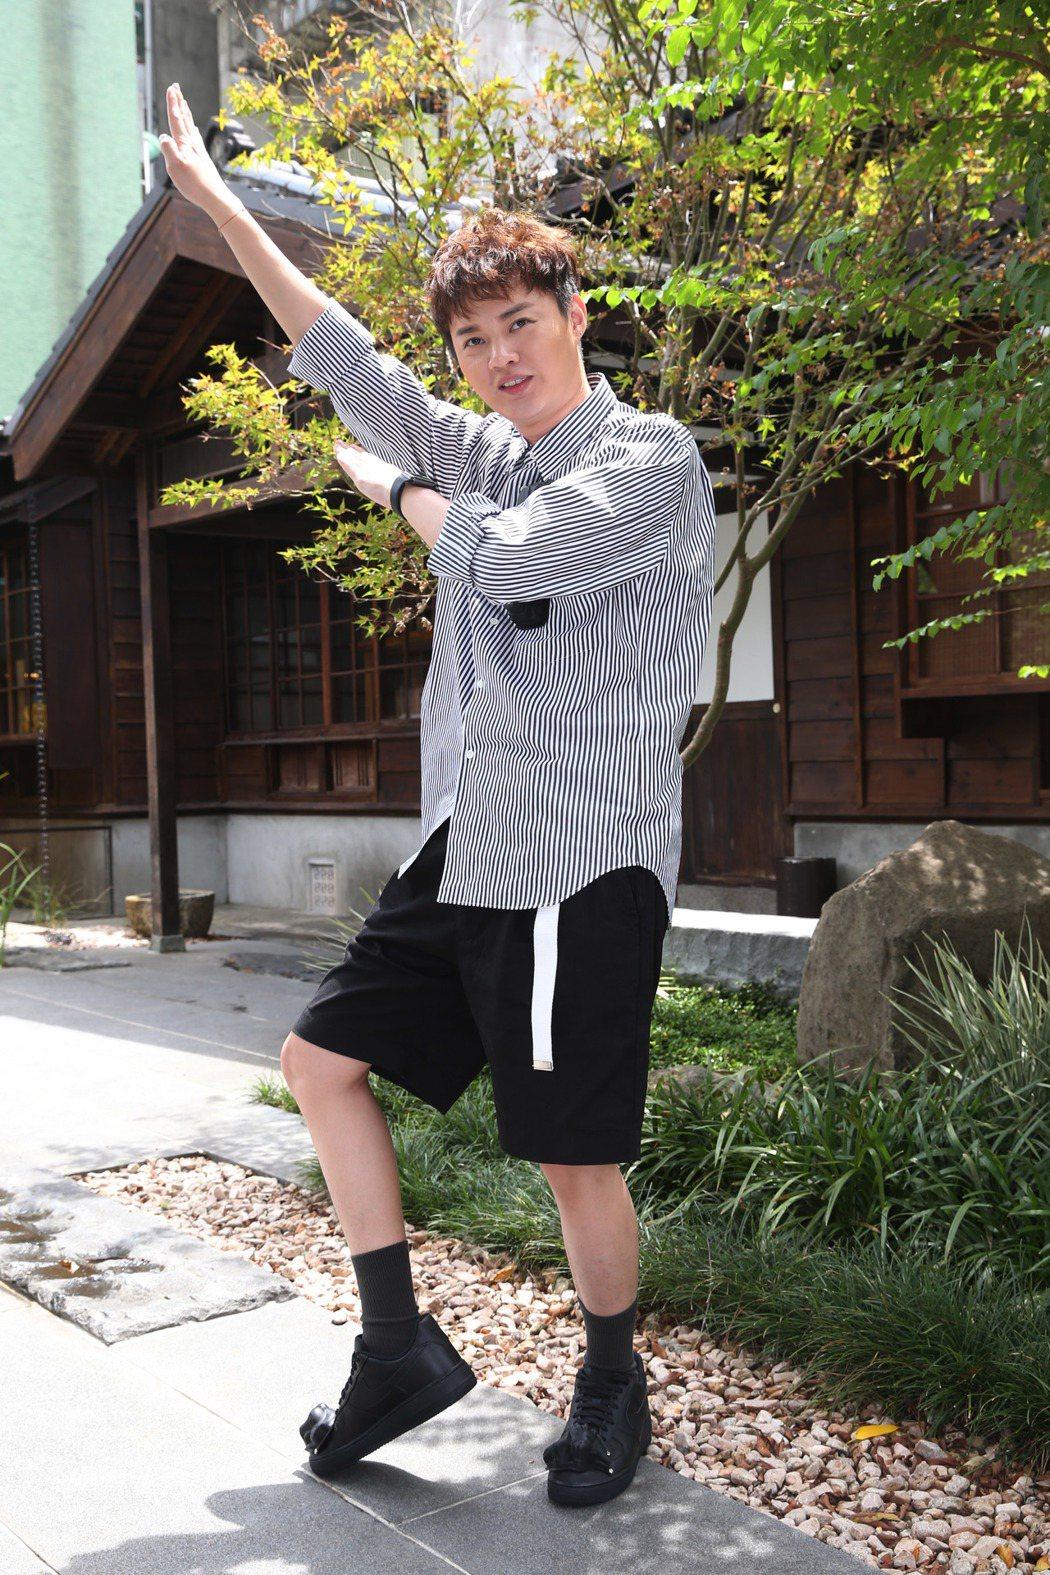 台語小天王許富凱日本遊學3個月歸來,年底將舉辦「讓歌延續」音樂會、新專輯,蓄勢待...